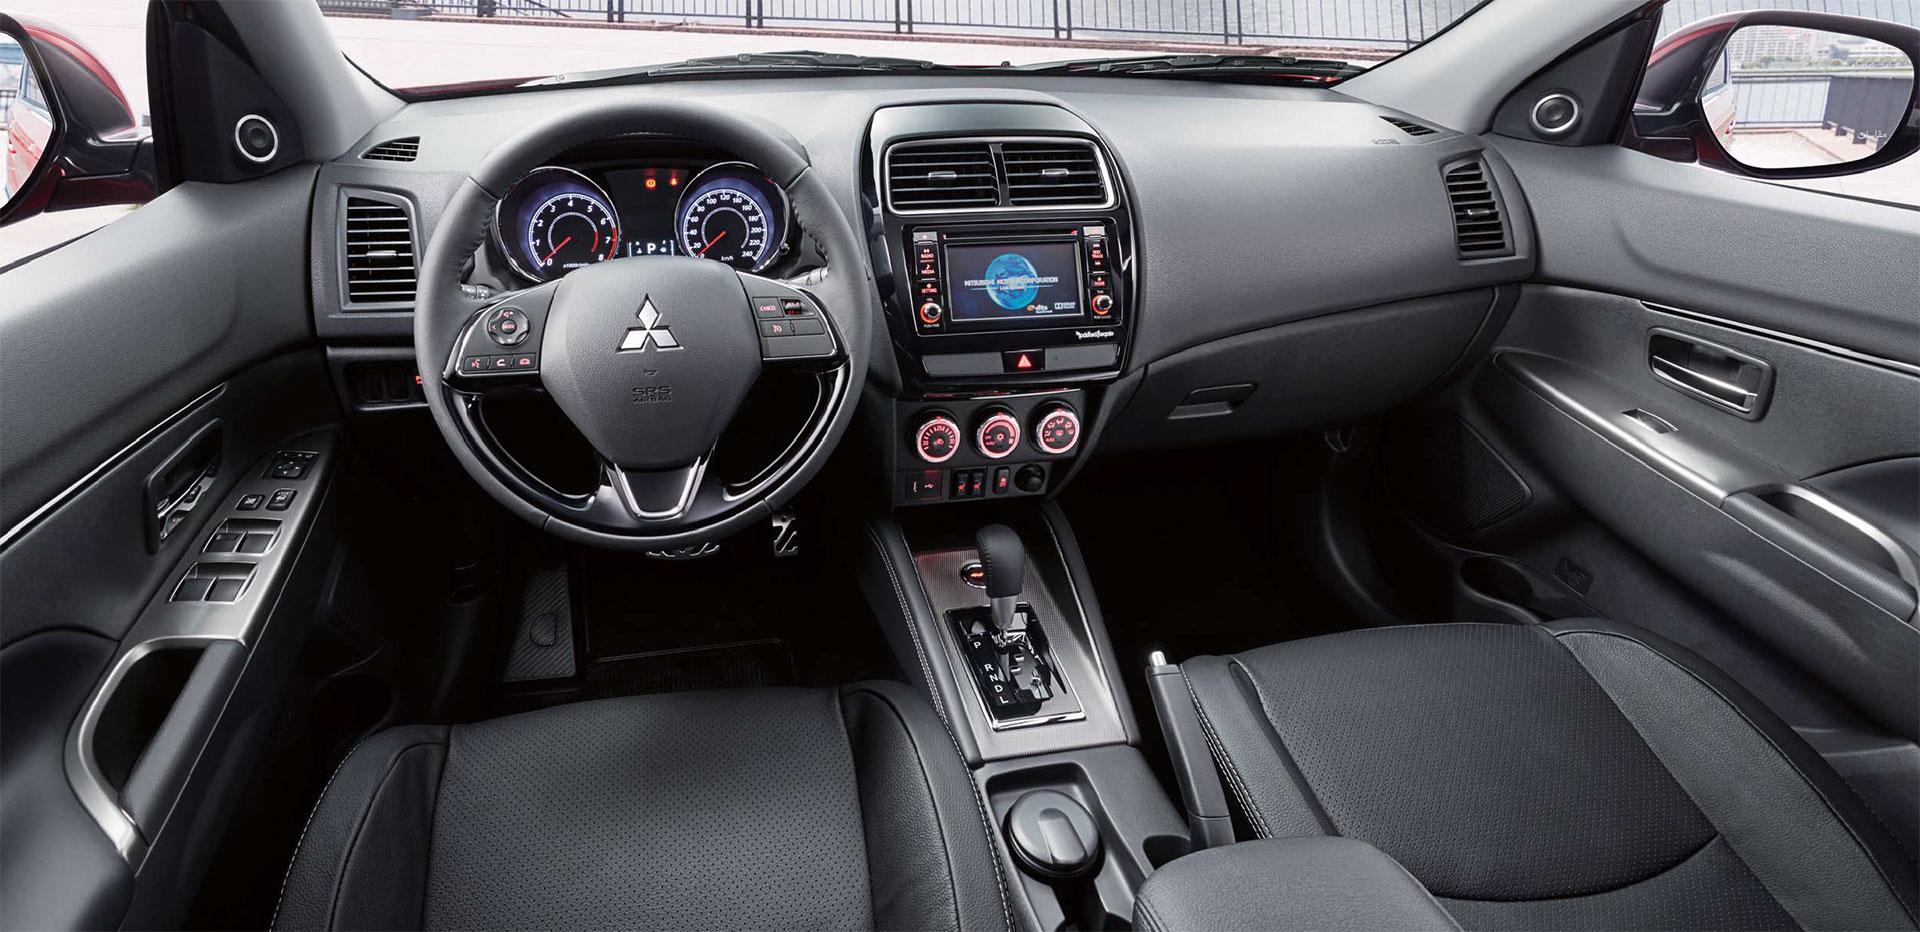 Mitsubishi ASХ 2018